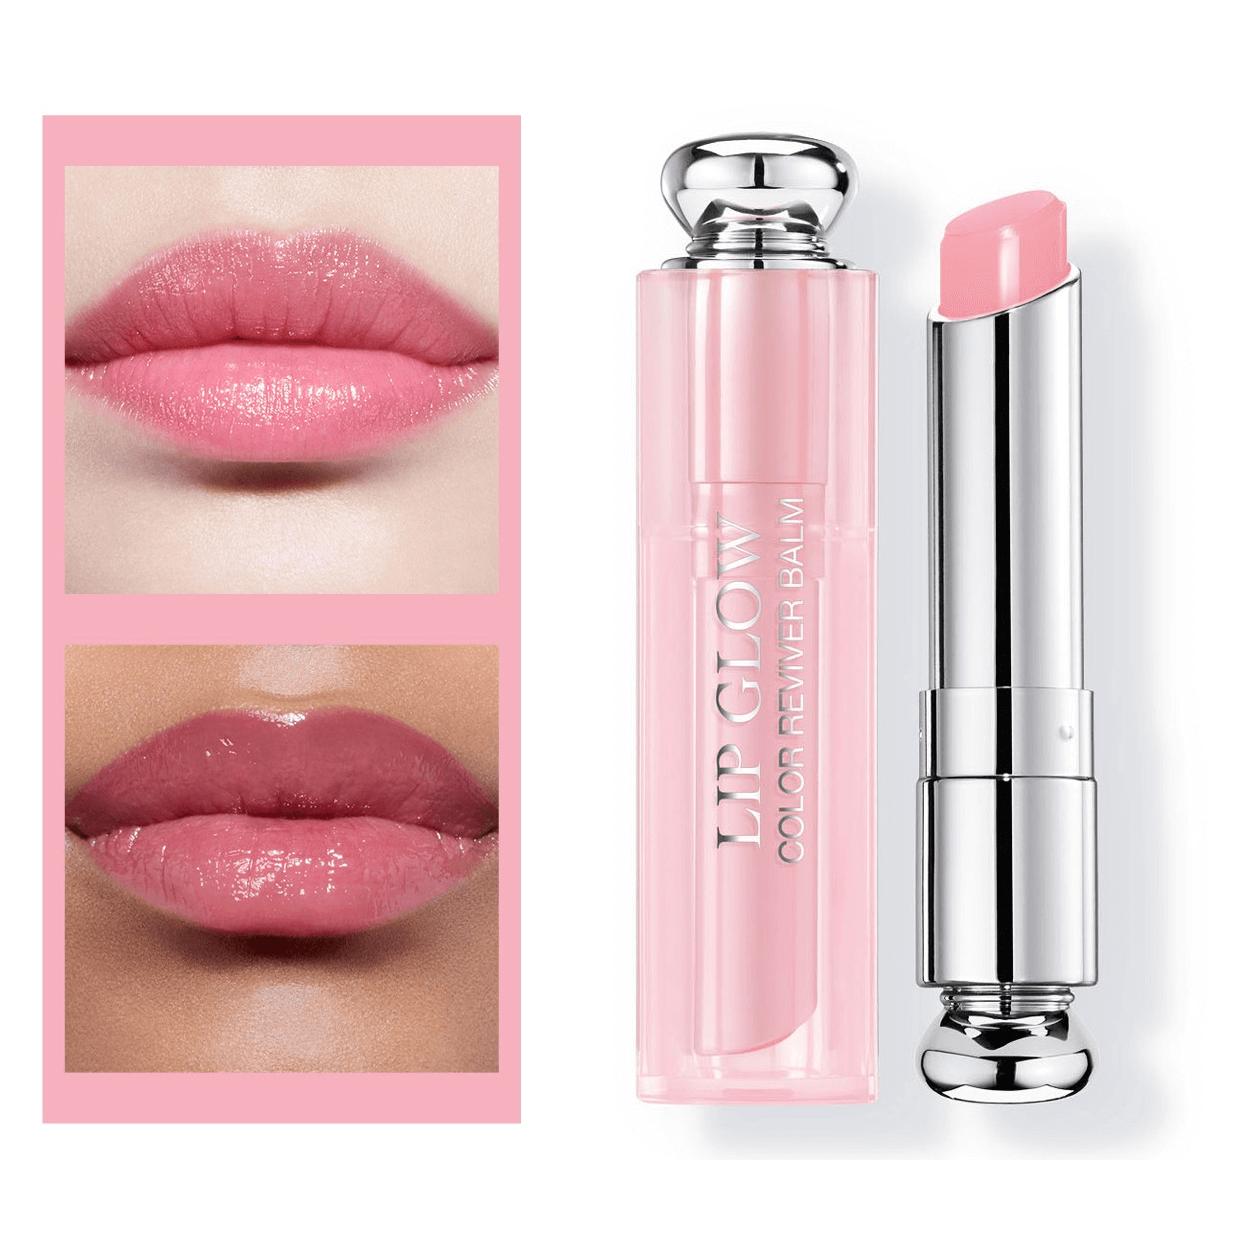 Son dưỡng Dior màu hồng 001